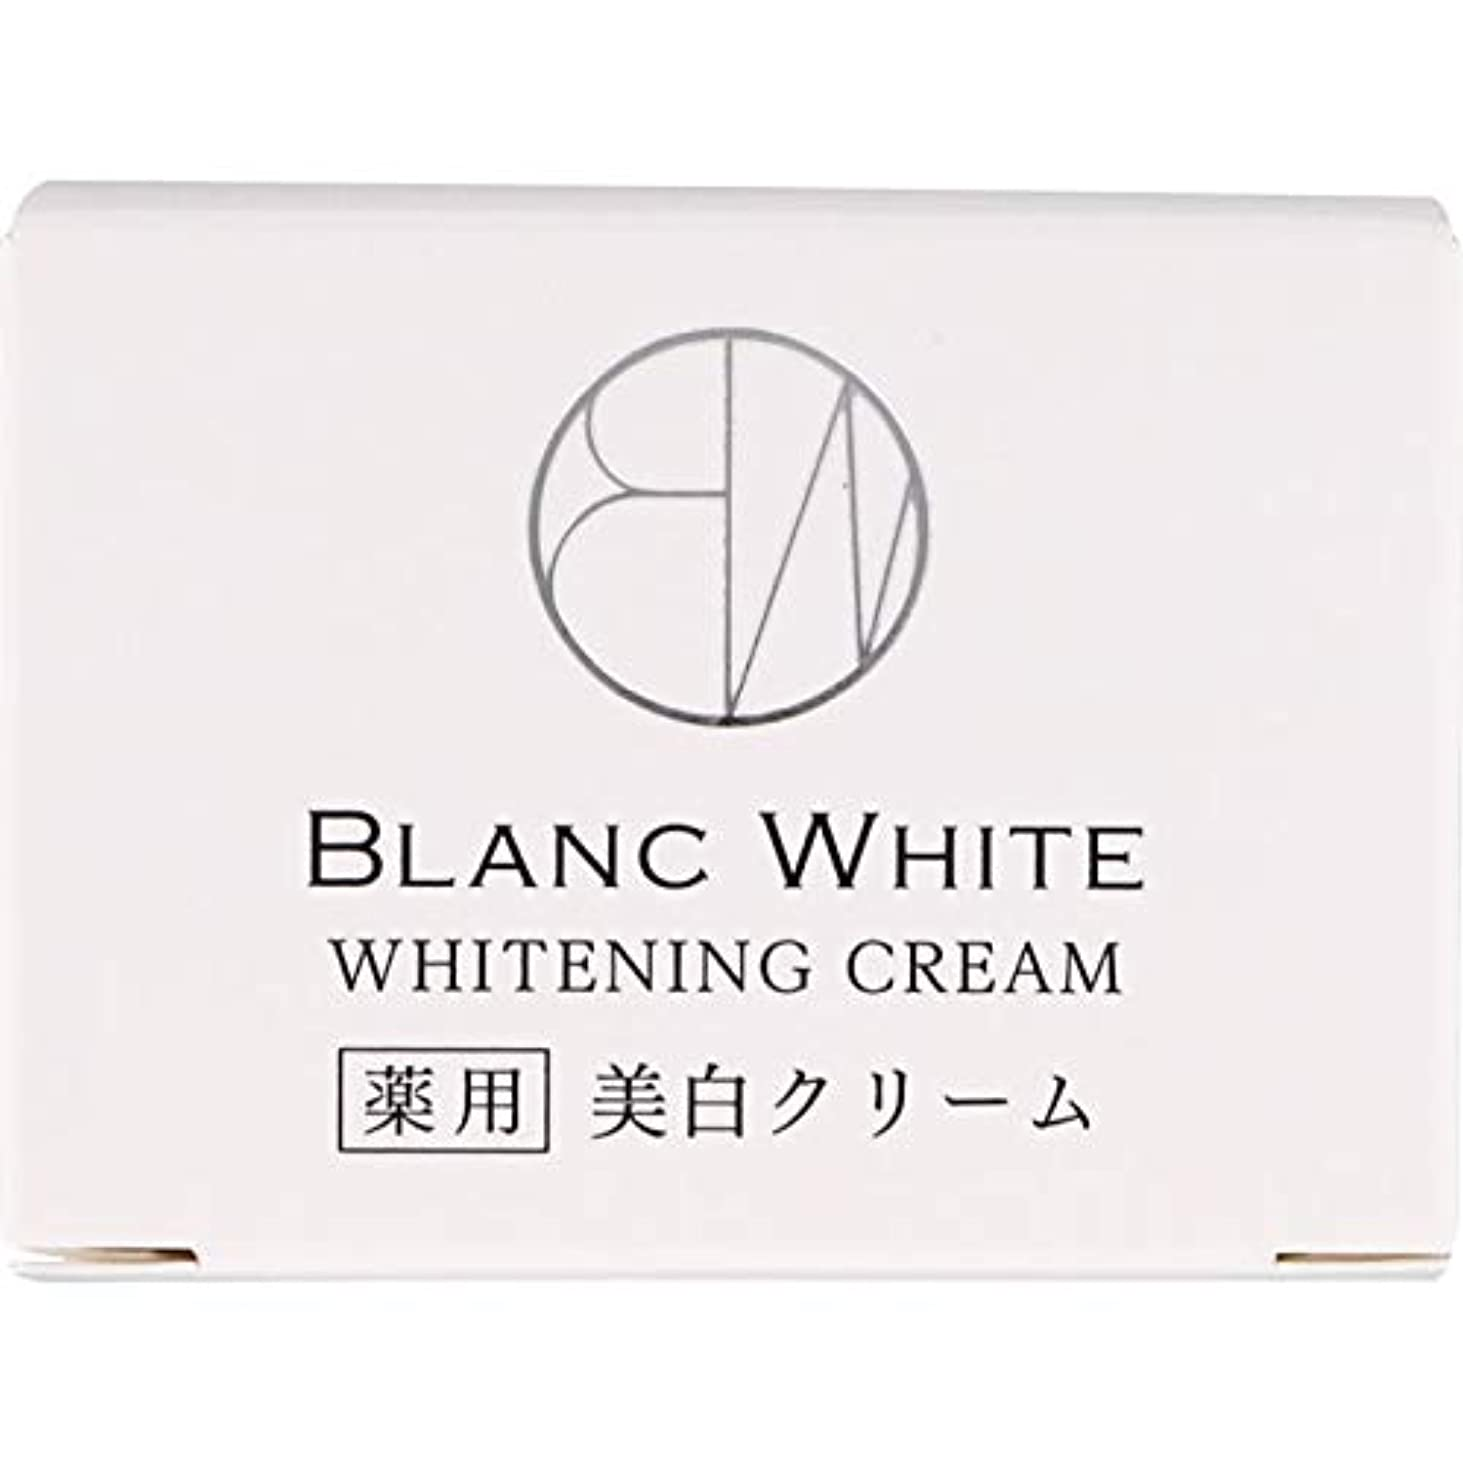 リスト刈る遊び場ブランホワイト ホワイトニング クリーム 45g